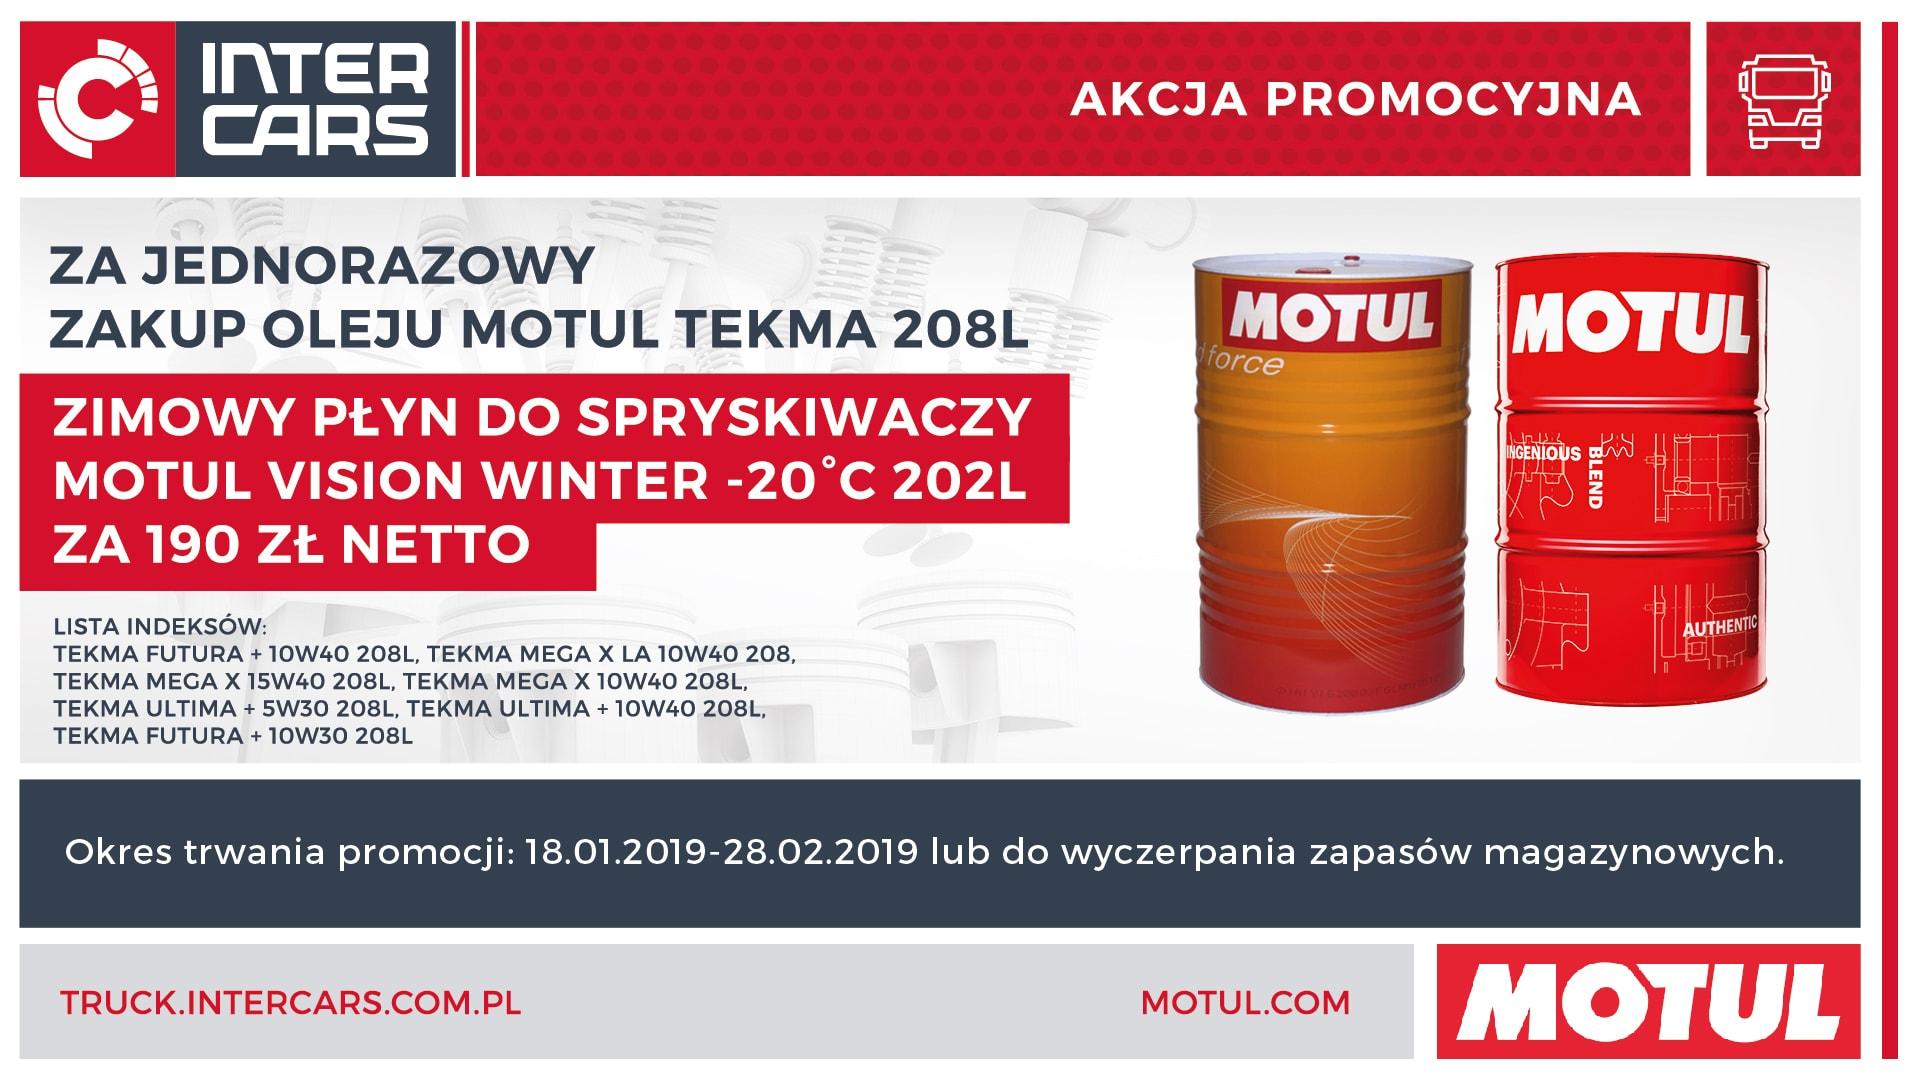 motul_plyn_do_spryskiwaczy_vision_winter_rynek_ciezarowy_1920x1080_plazma-min.jpg